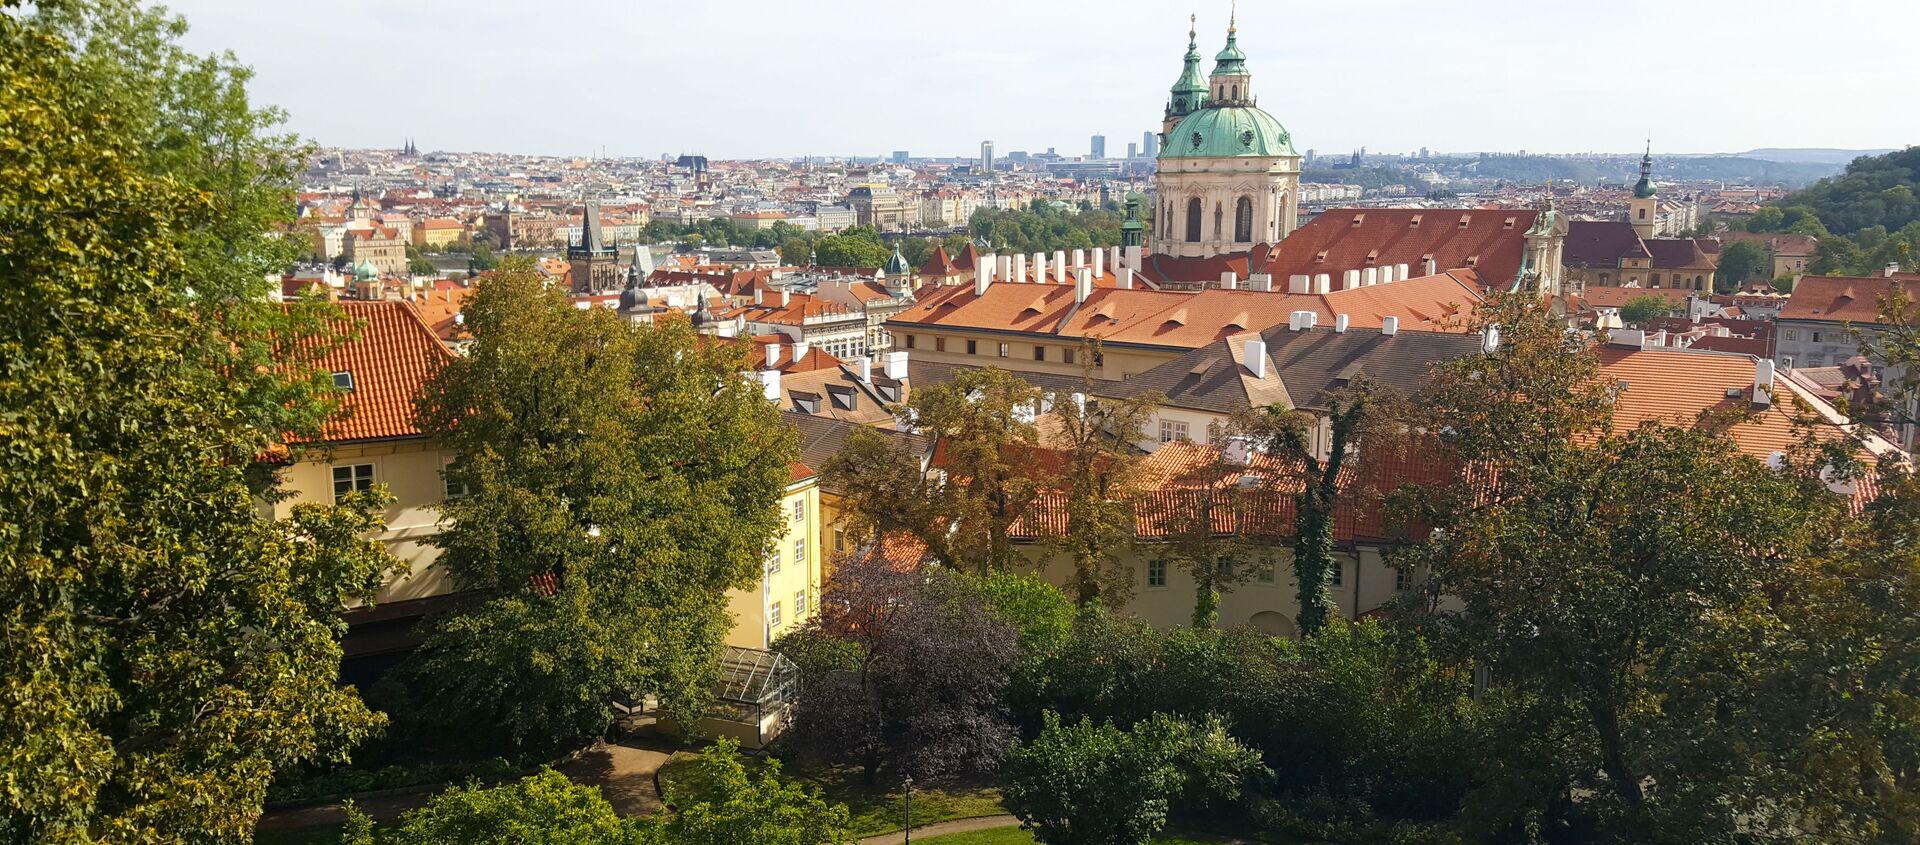 Widok na Pragę, Czechy - Sputnik Polska, 1920, 17.05.2021